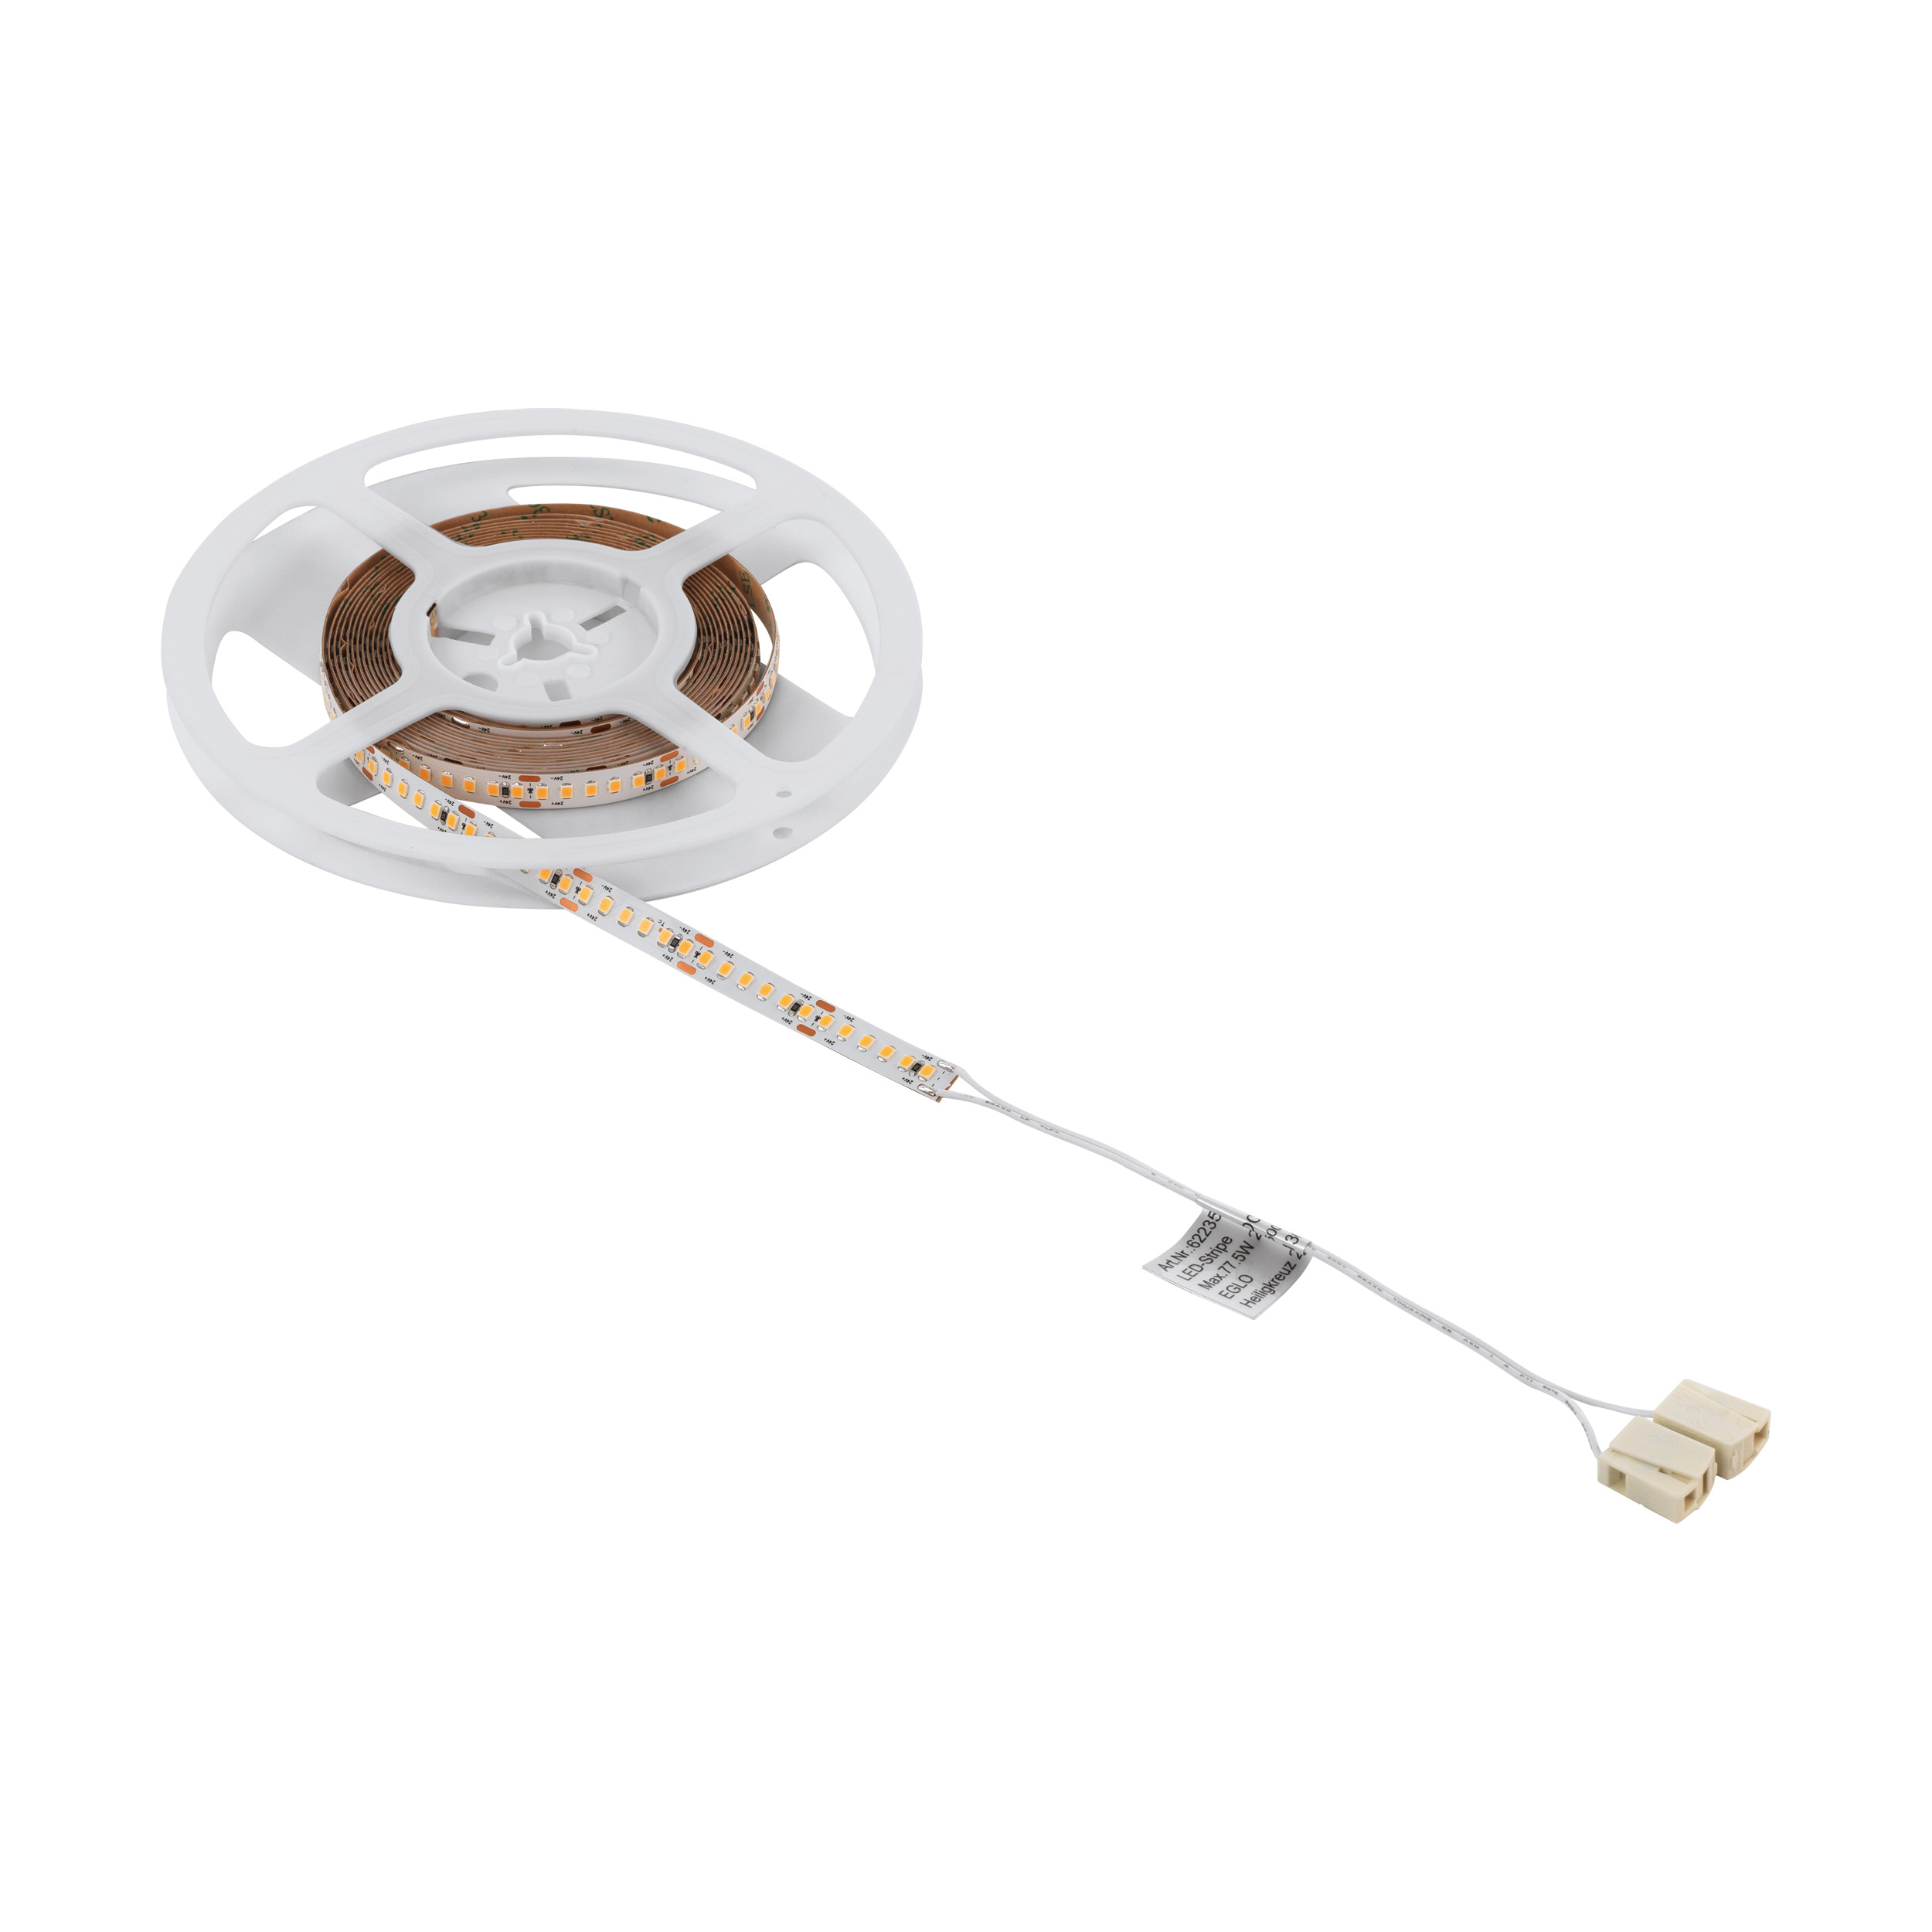 1 Stk LED-STRIPE 20m Rolle, Angabe per Meter 5,5W/mW 3000K IP20 LI63292---